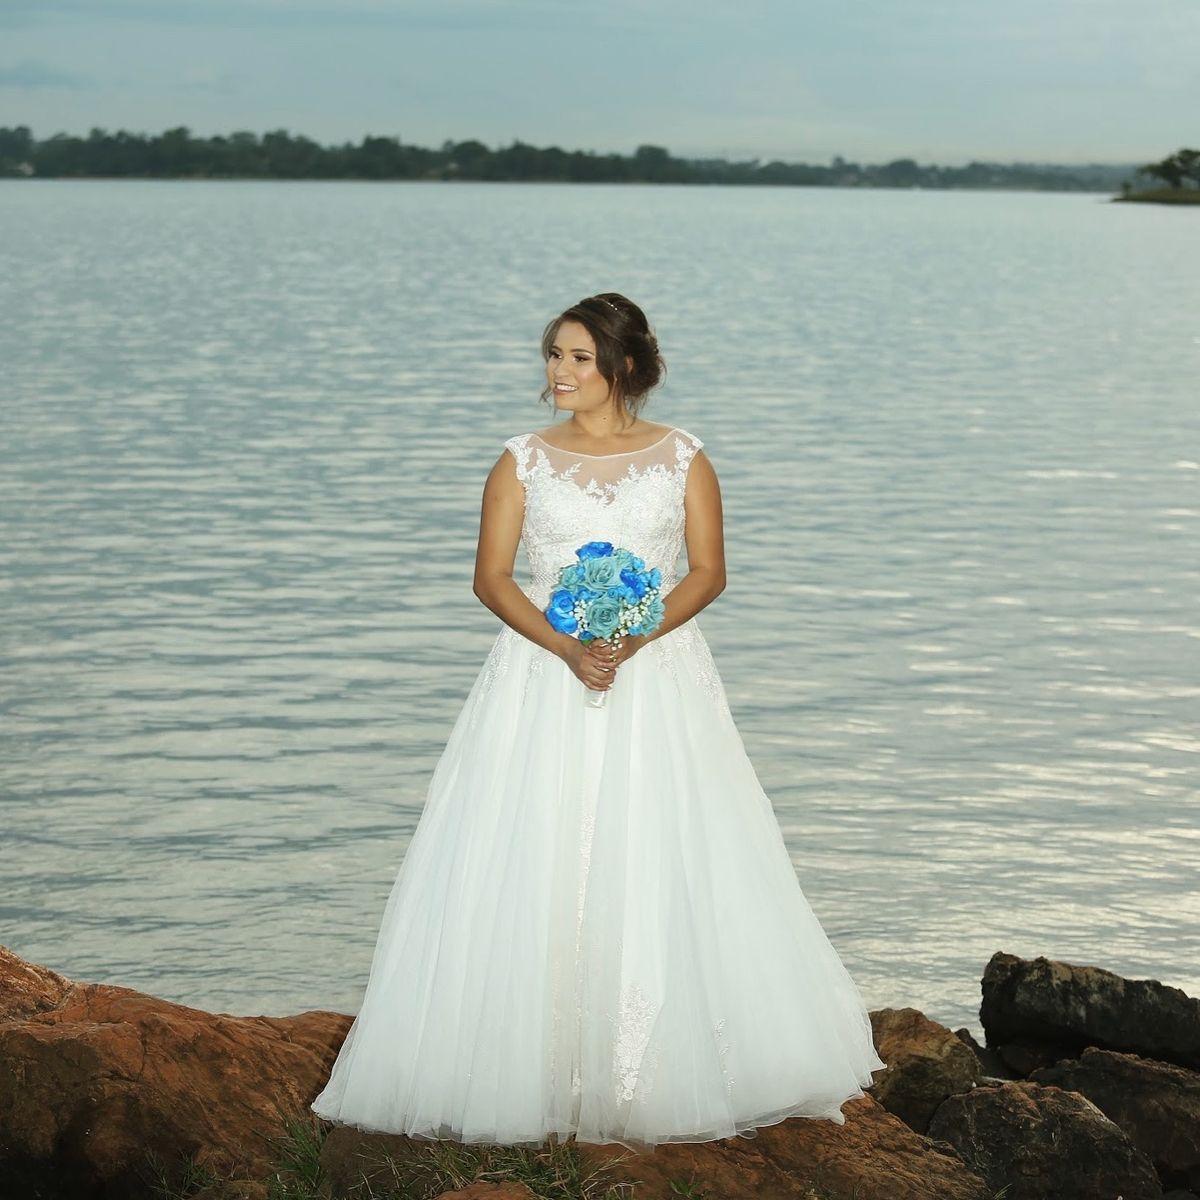 vestido de noiva david s bridal - vestidos david-s-bridal